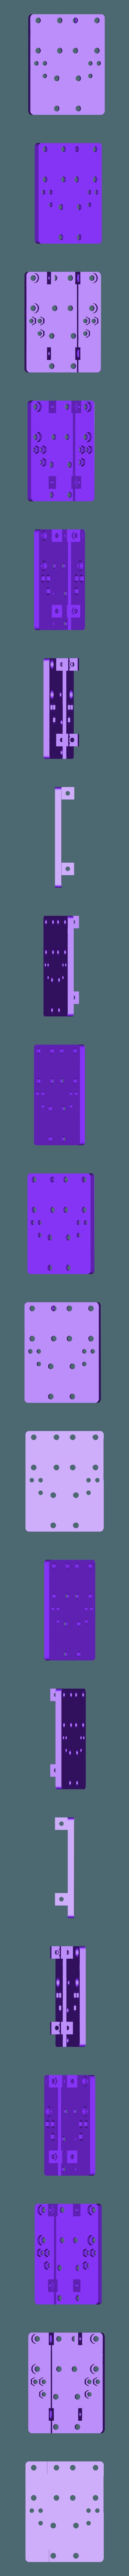 anet_a8_-_E3DV6_-_modular_-_base.stl Télécharger fichier STL gratuit Anet a8 E3D V6 Adaptateur modulaire E3D V6 avec passage de câbles / gaine arrière amusante • Plan pour imprimante 3D, pparsniak